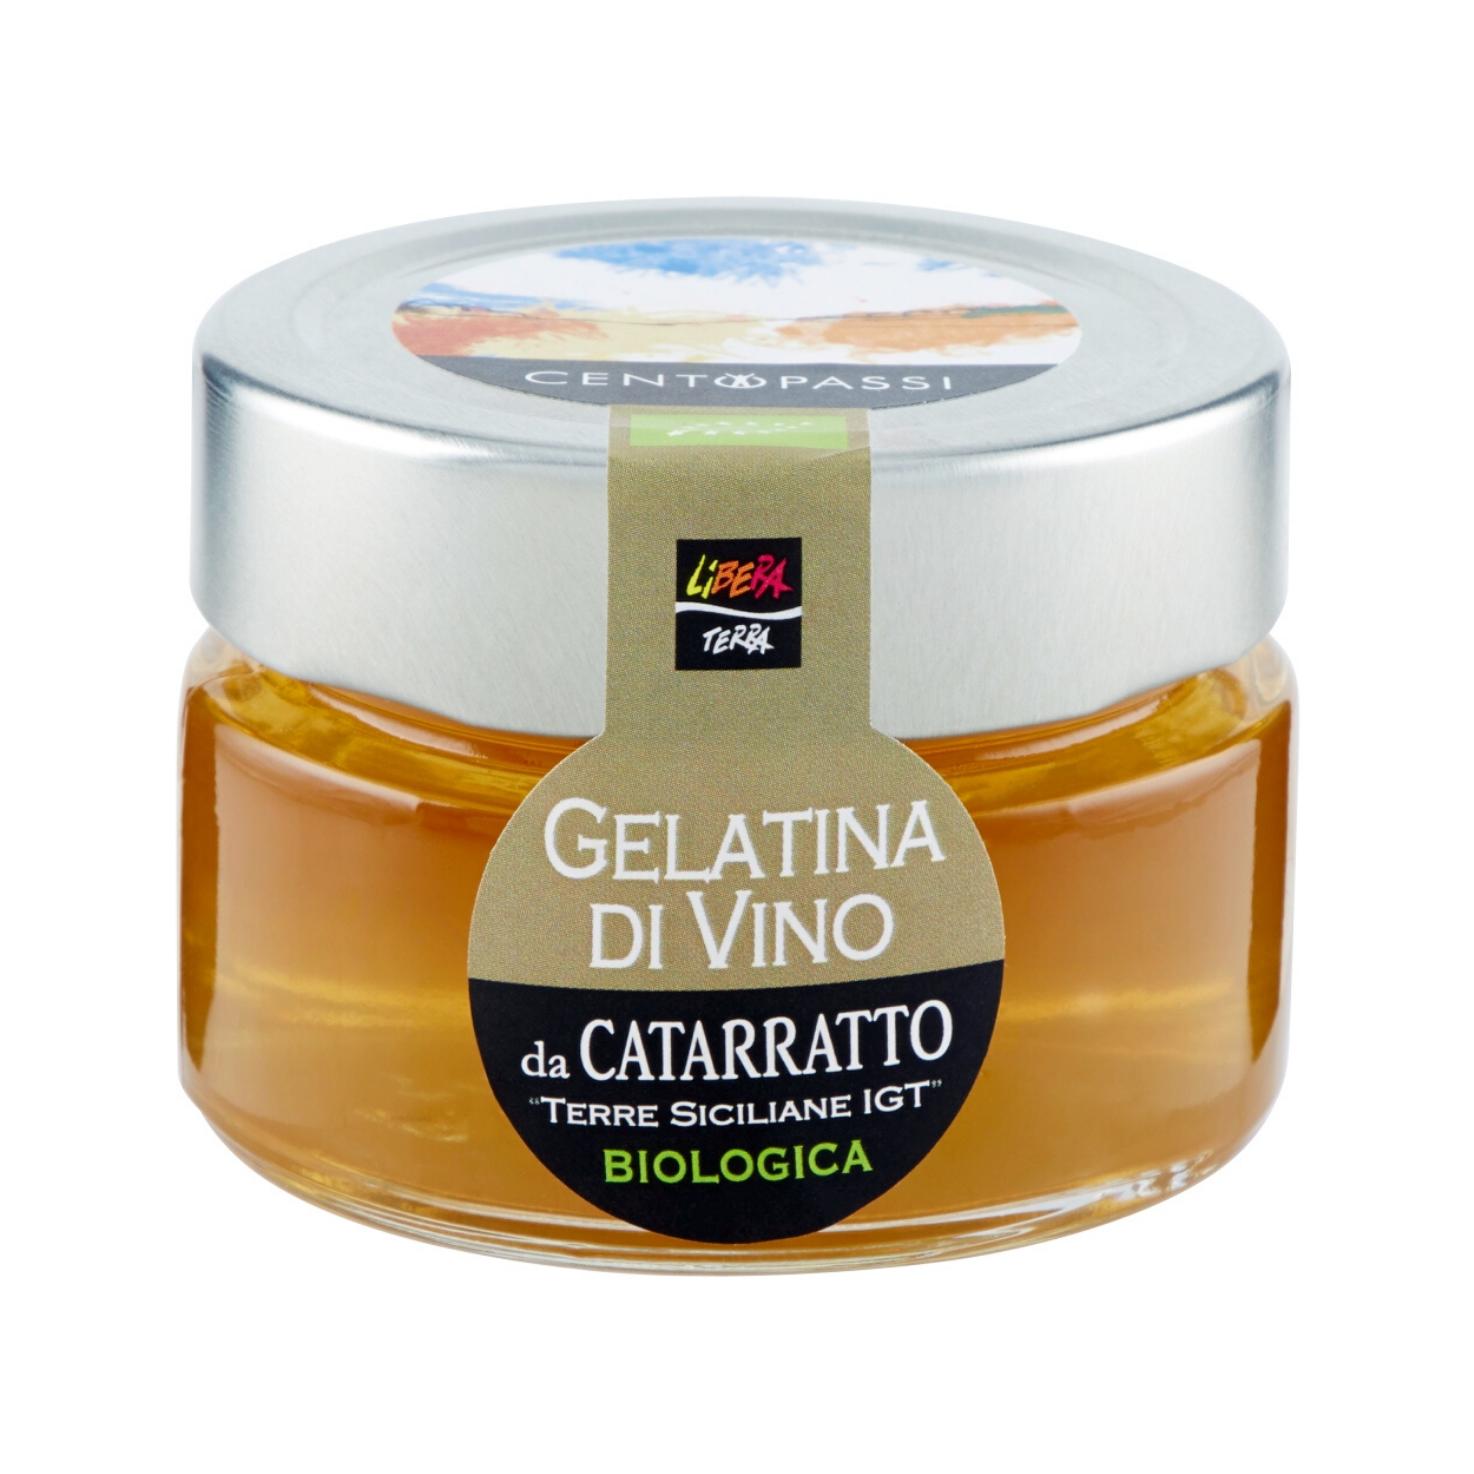 Gelatina di Vino Biologica da Catarratto IGT 100g